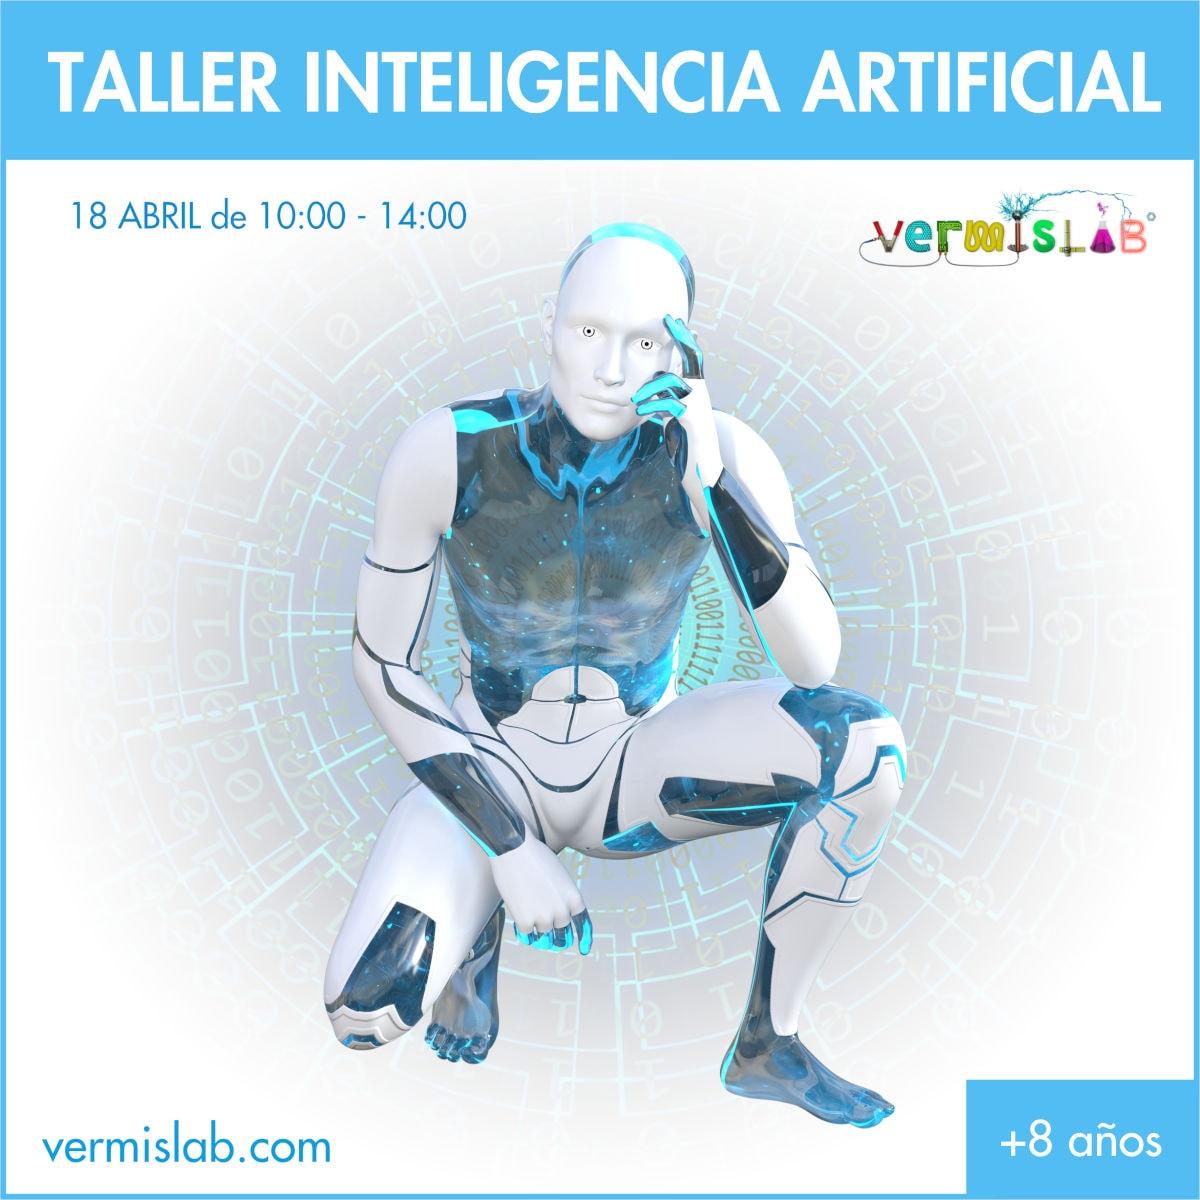 inteligencia-artificial-vermislab-es